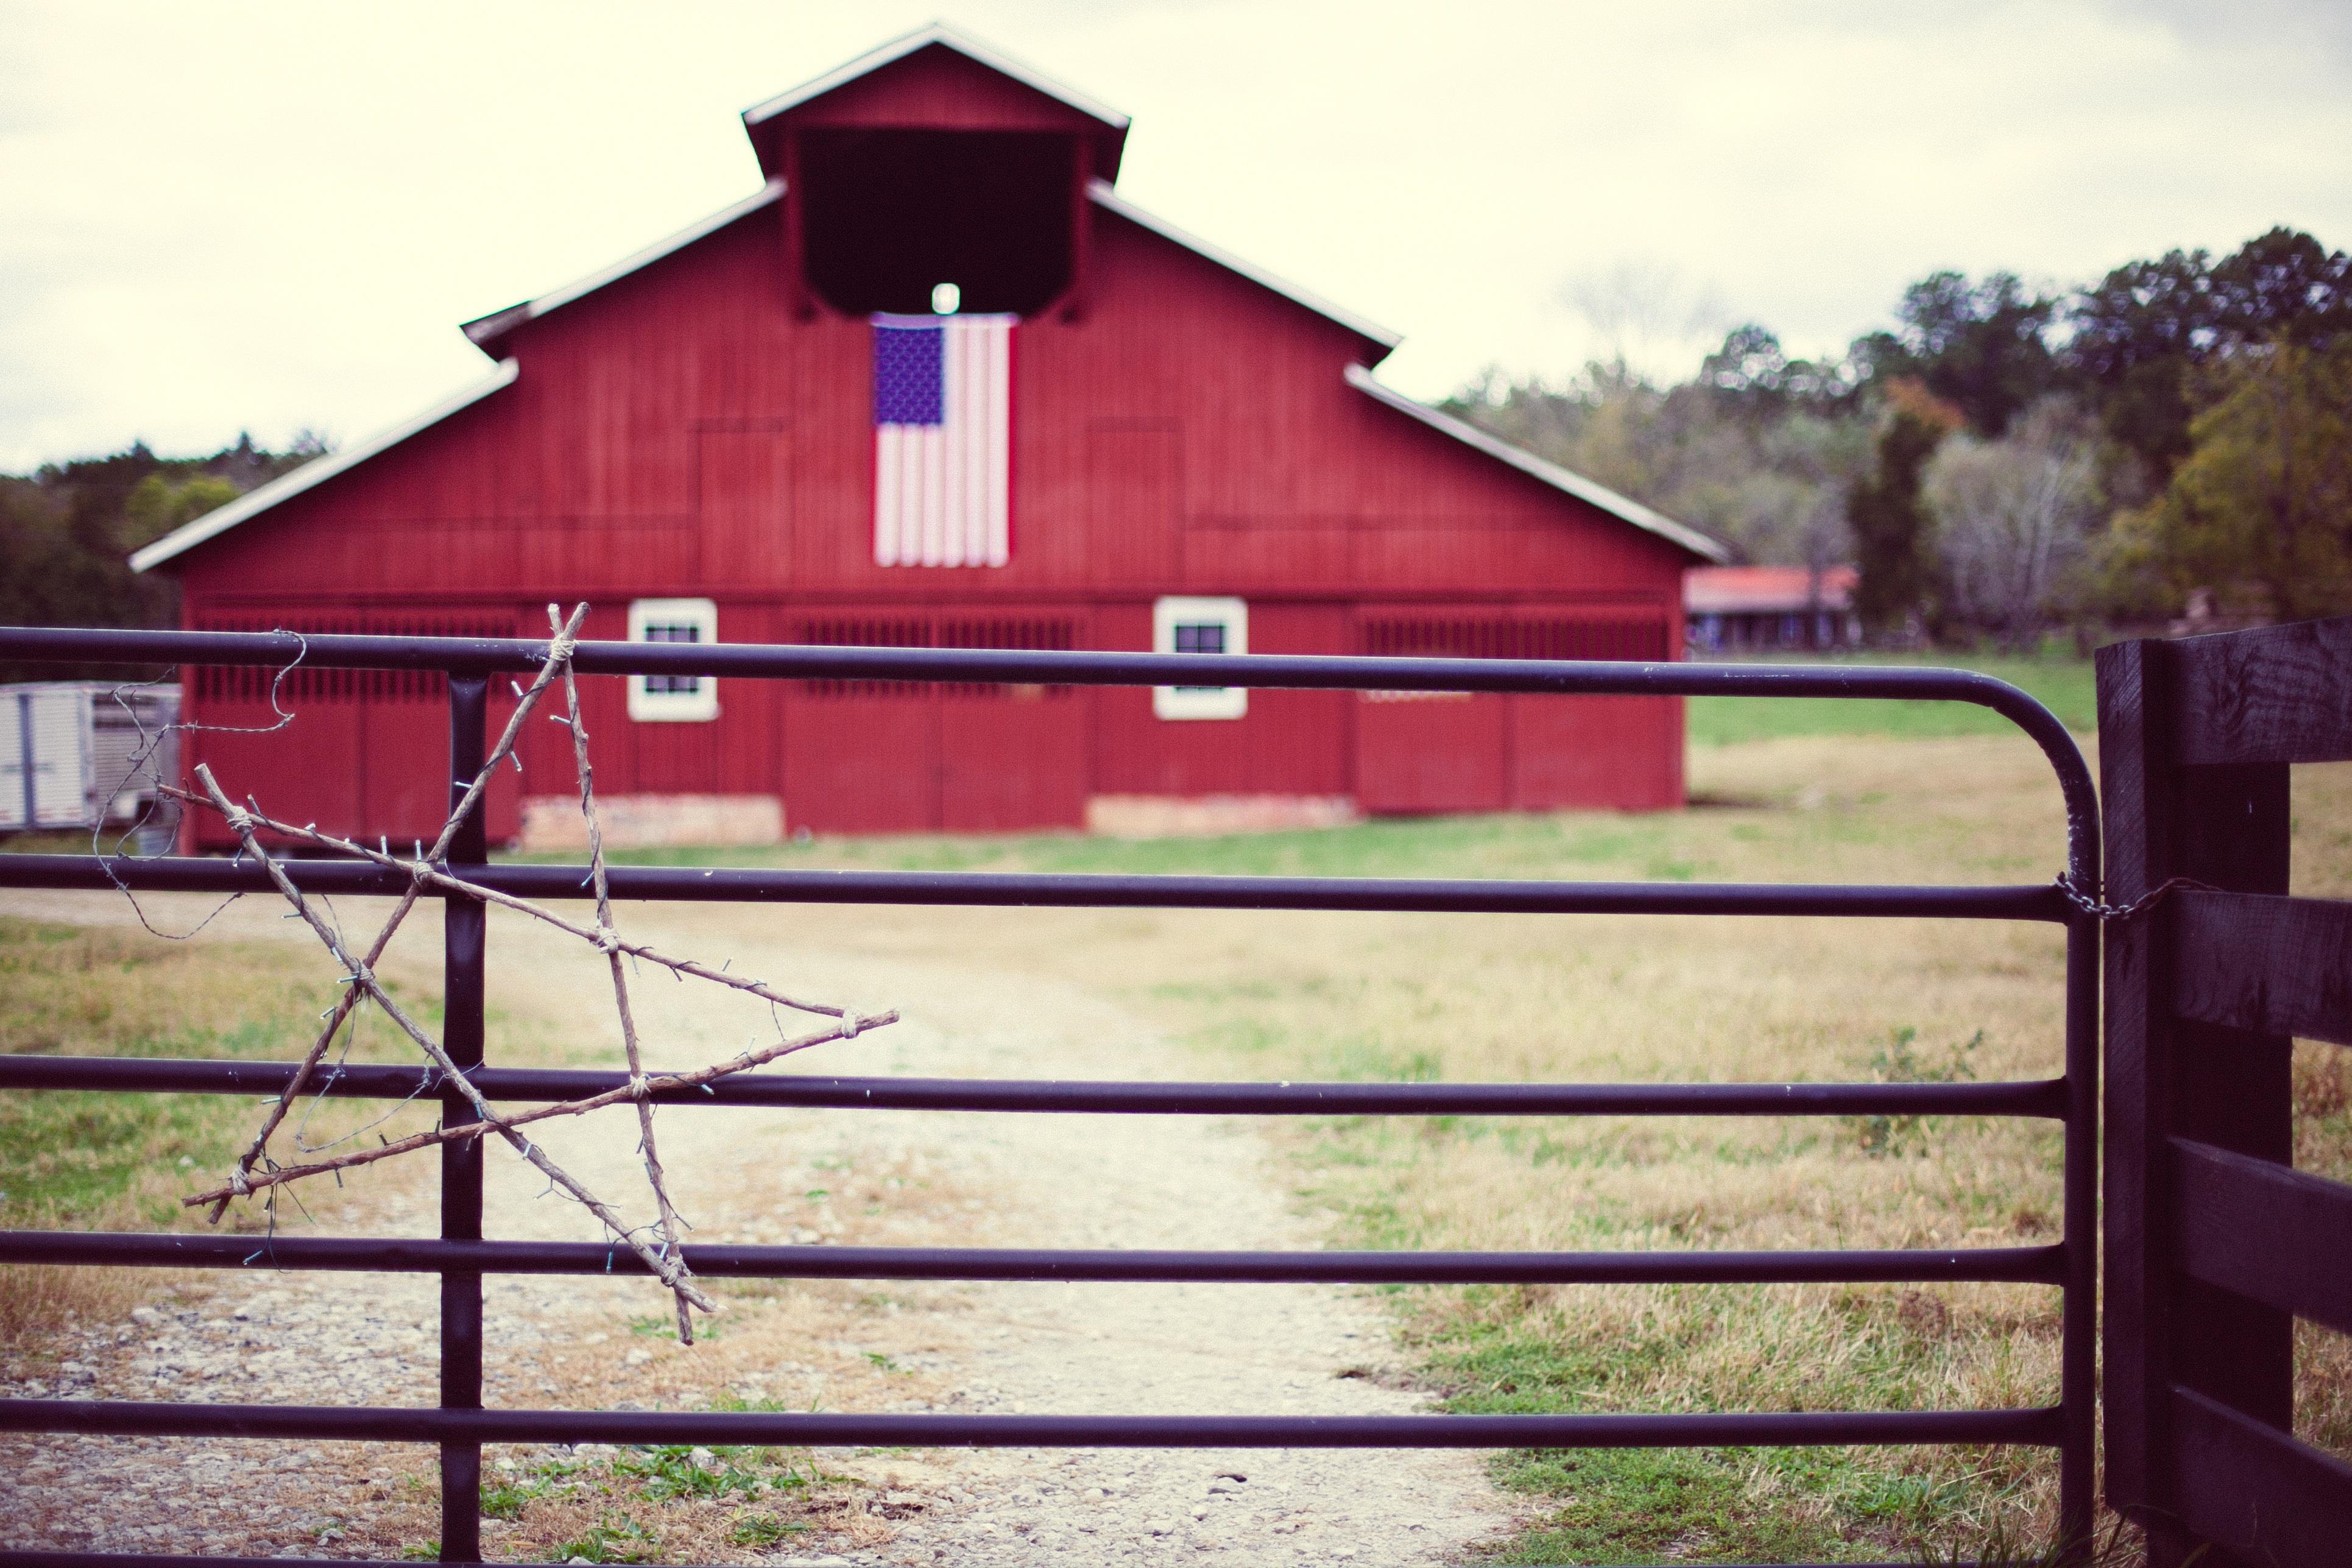 Ferme cru antique campagne bâtiment vieux grange pays rustique rural rouge chalet couleur ranch etats